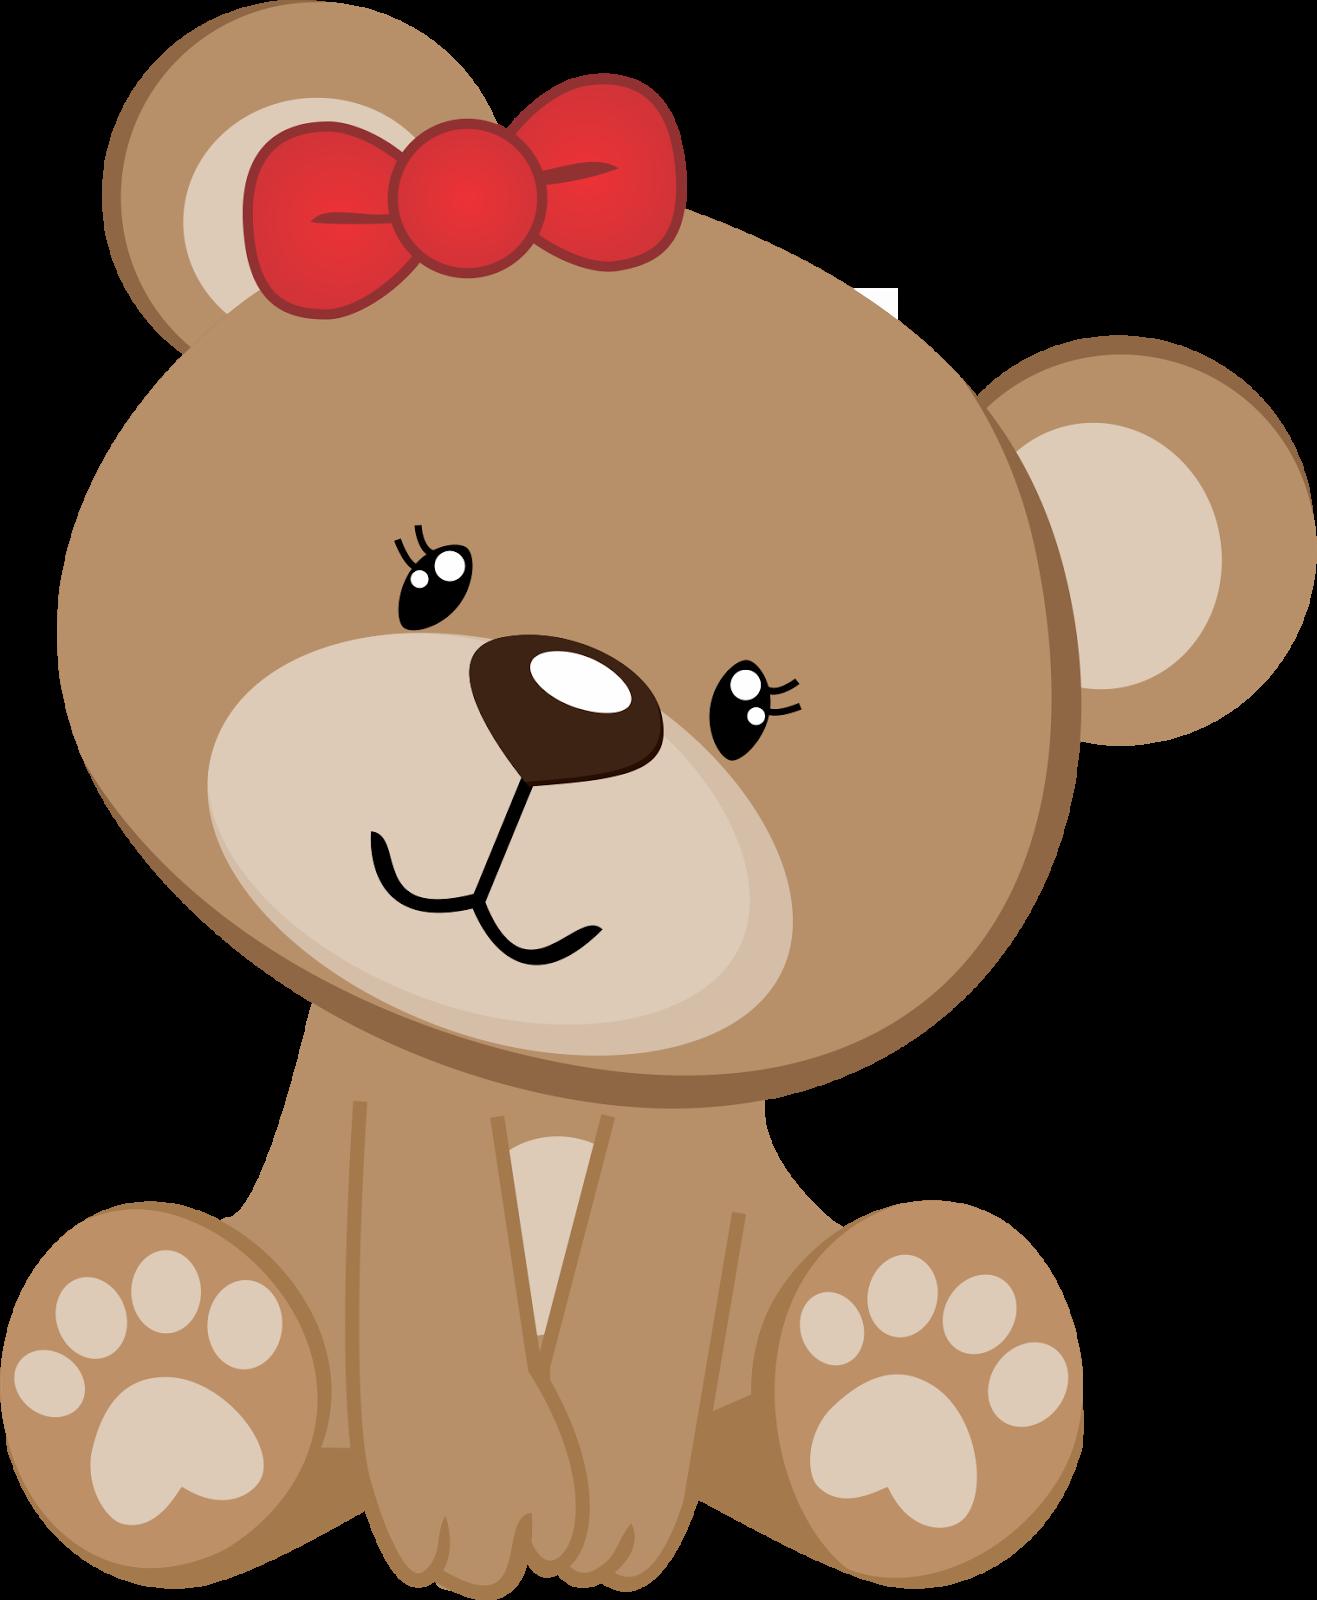 Скрапбукинг шоколадница, картинки с мультяшными медведями